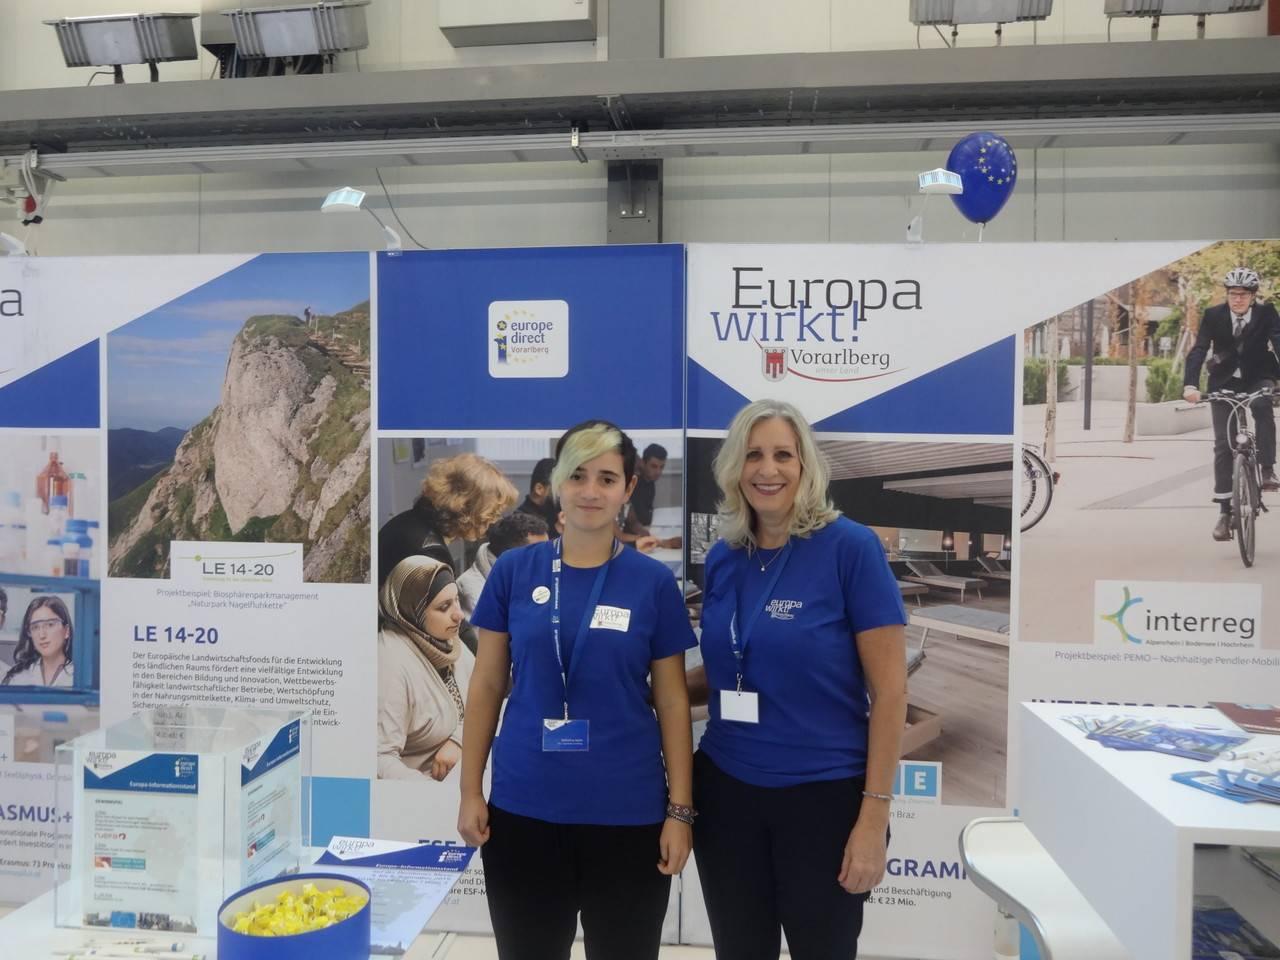 Europa-Informationsstand von EDIC Vorarlberg bei der Dornbirner Herbstmesse